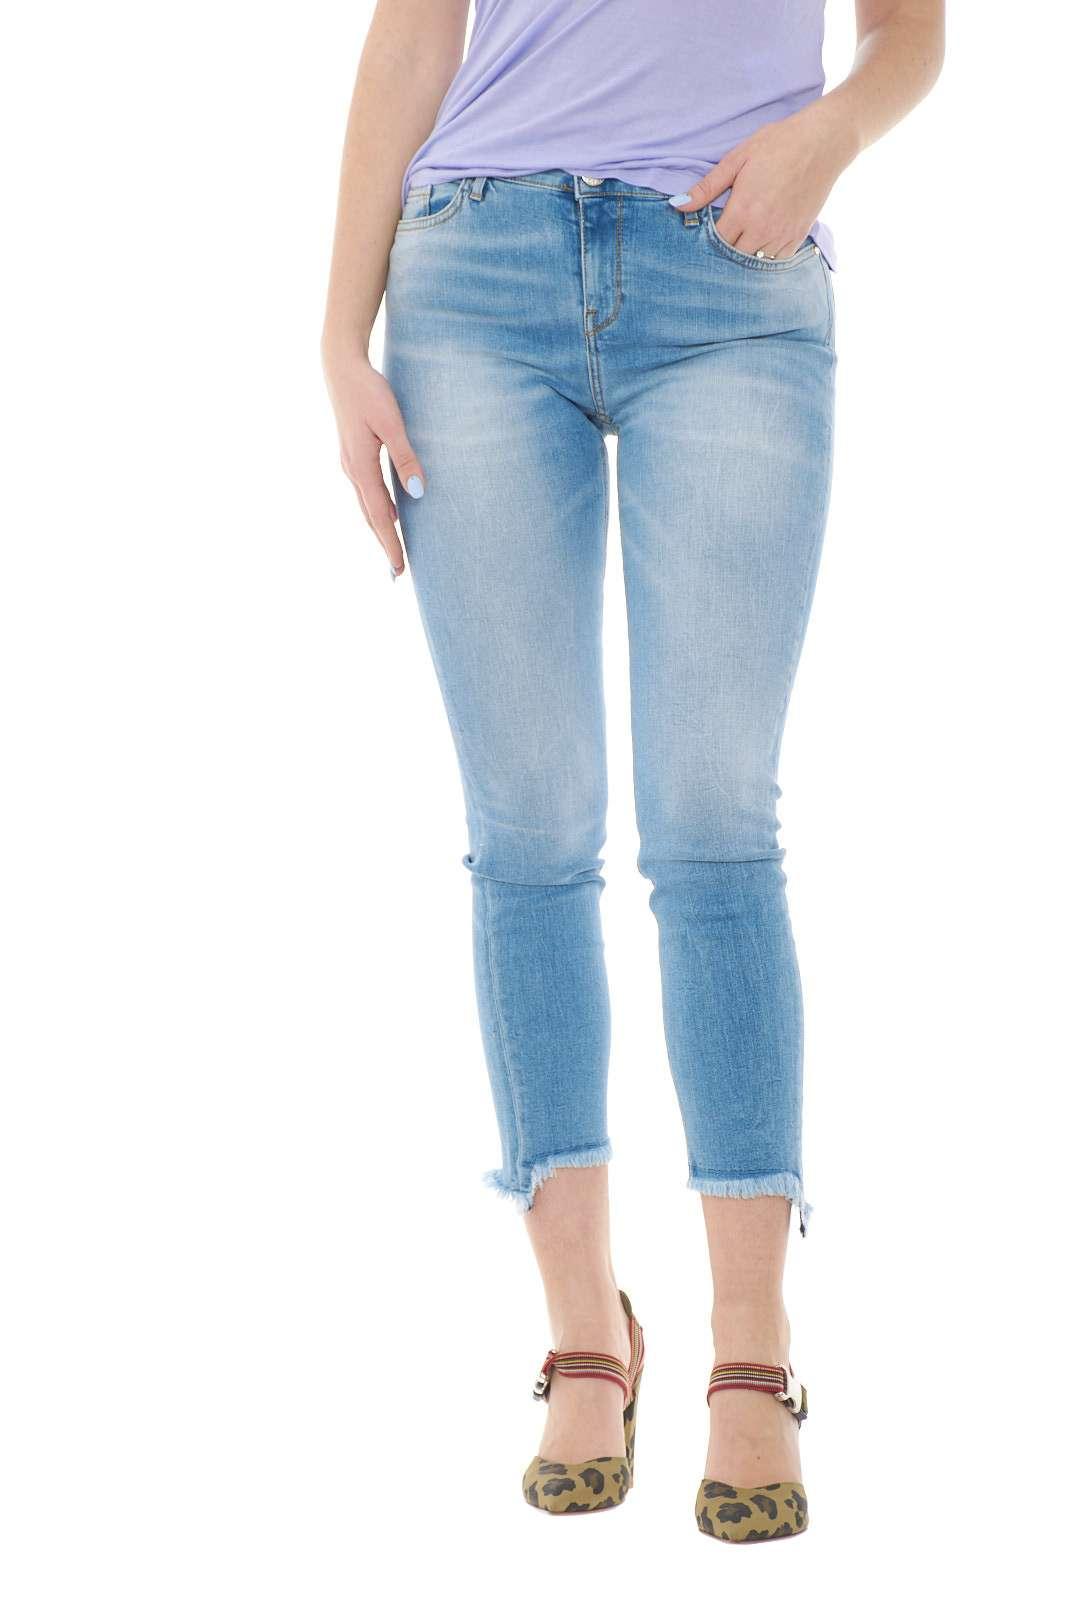 Iconico il jeans Sabrina 29 proposto per la collection firmata Pinko. Un lavaggio medio chiaro su modello skinny impreziosito dal fondo sfrangiato e dal gusto contemporaneo. Da abbinare con tacchi alti o con sneakers si conferma un must have per ogni outfit.